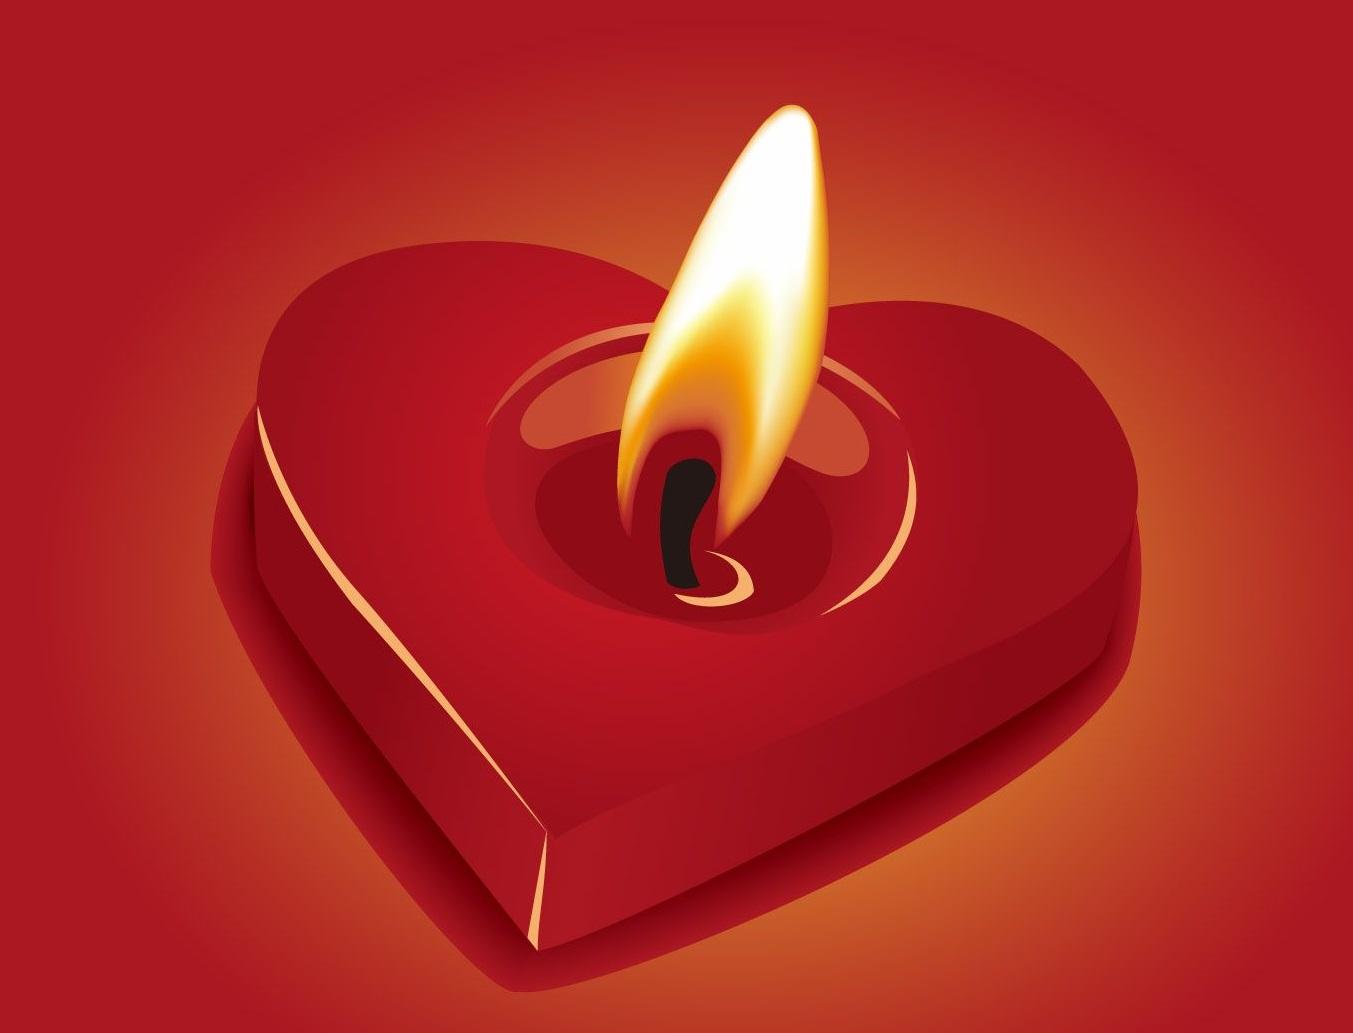 kjv-image-heart-flame